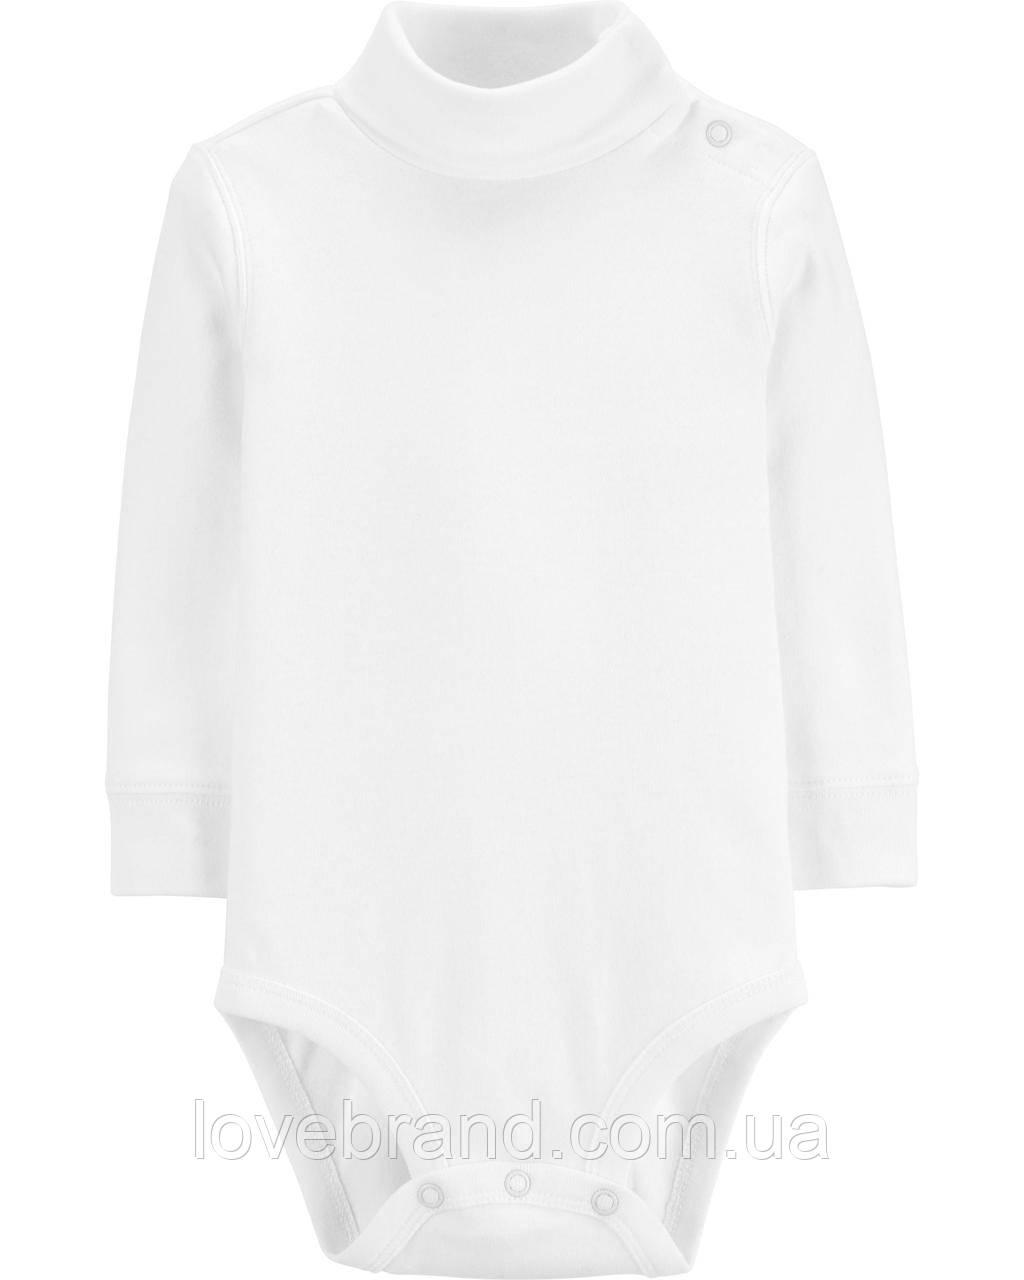 Белый гольф-боди  для мальчика OshKosh (США) 12 мес/72-78 см